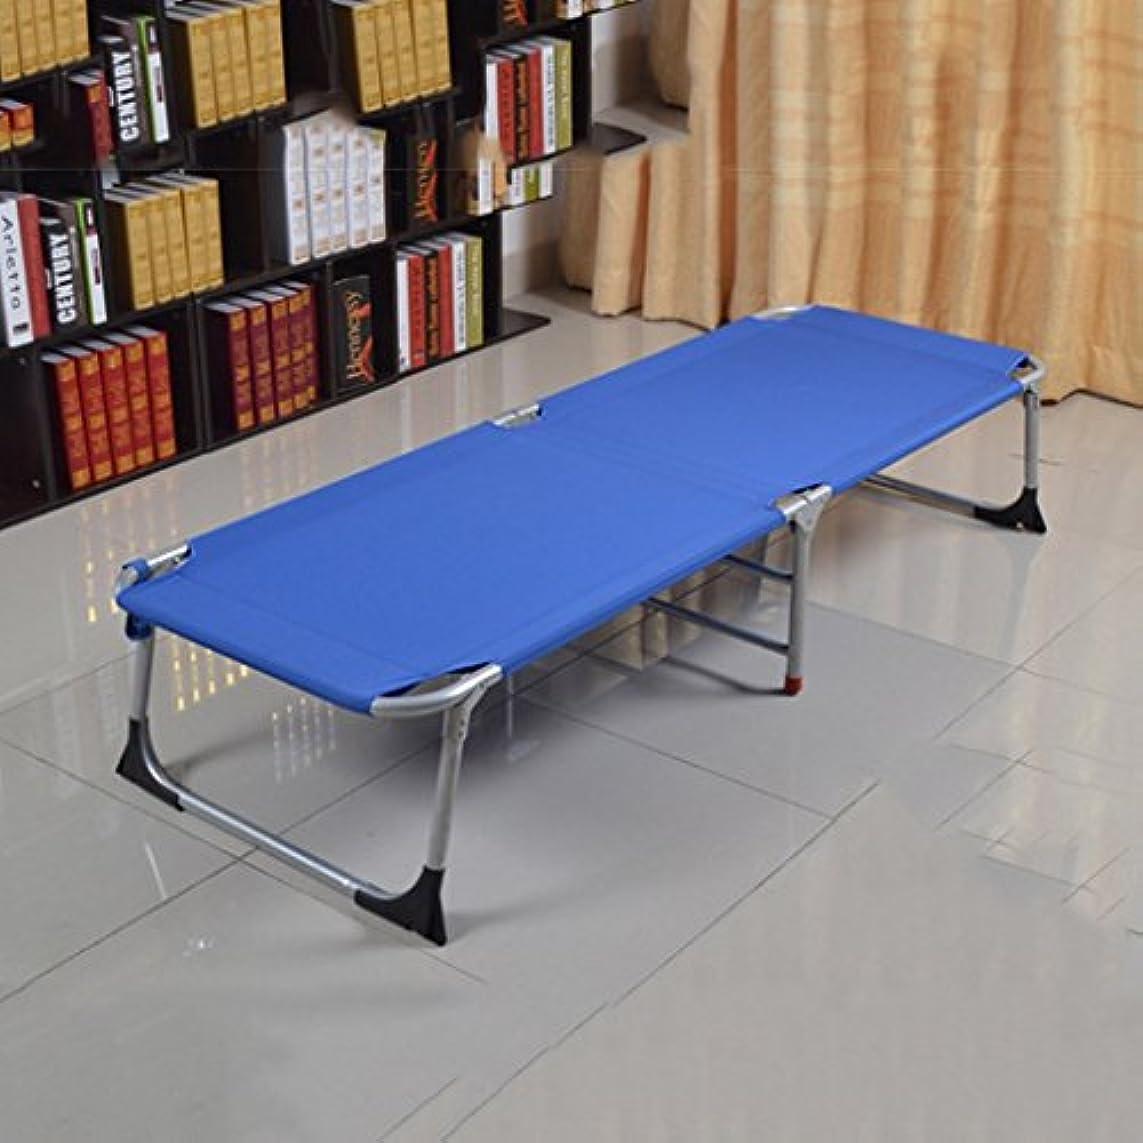 暴動大惨事支配的折りたたみ式ベッド 折りたたみベッドシングルベッドシエスタシエスタベッドシンプルな布ベッドキャンプベッド同伴ベッド (Color : Blue, Size : 183*64*34cm)